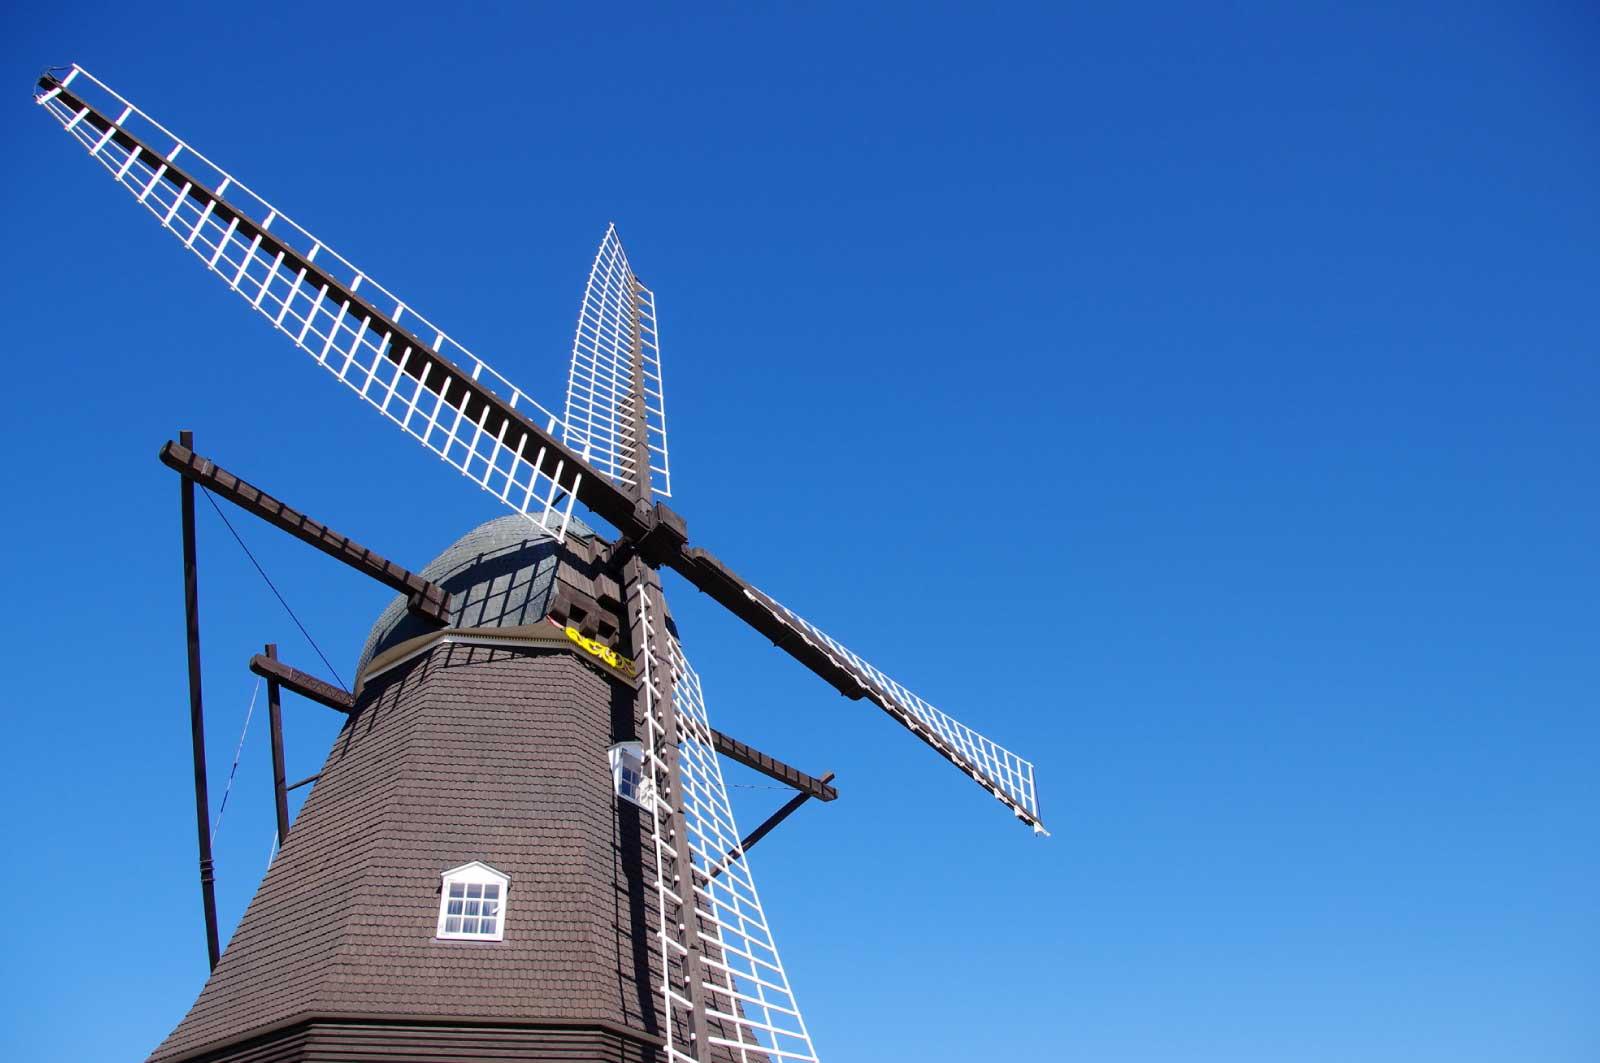 デンマーク式の風車